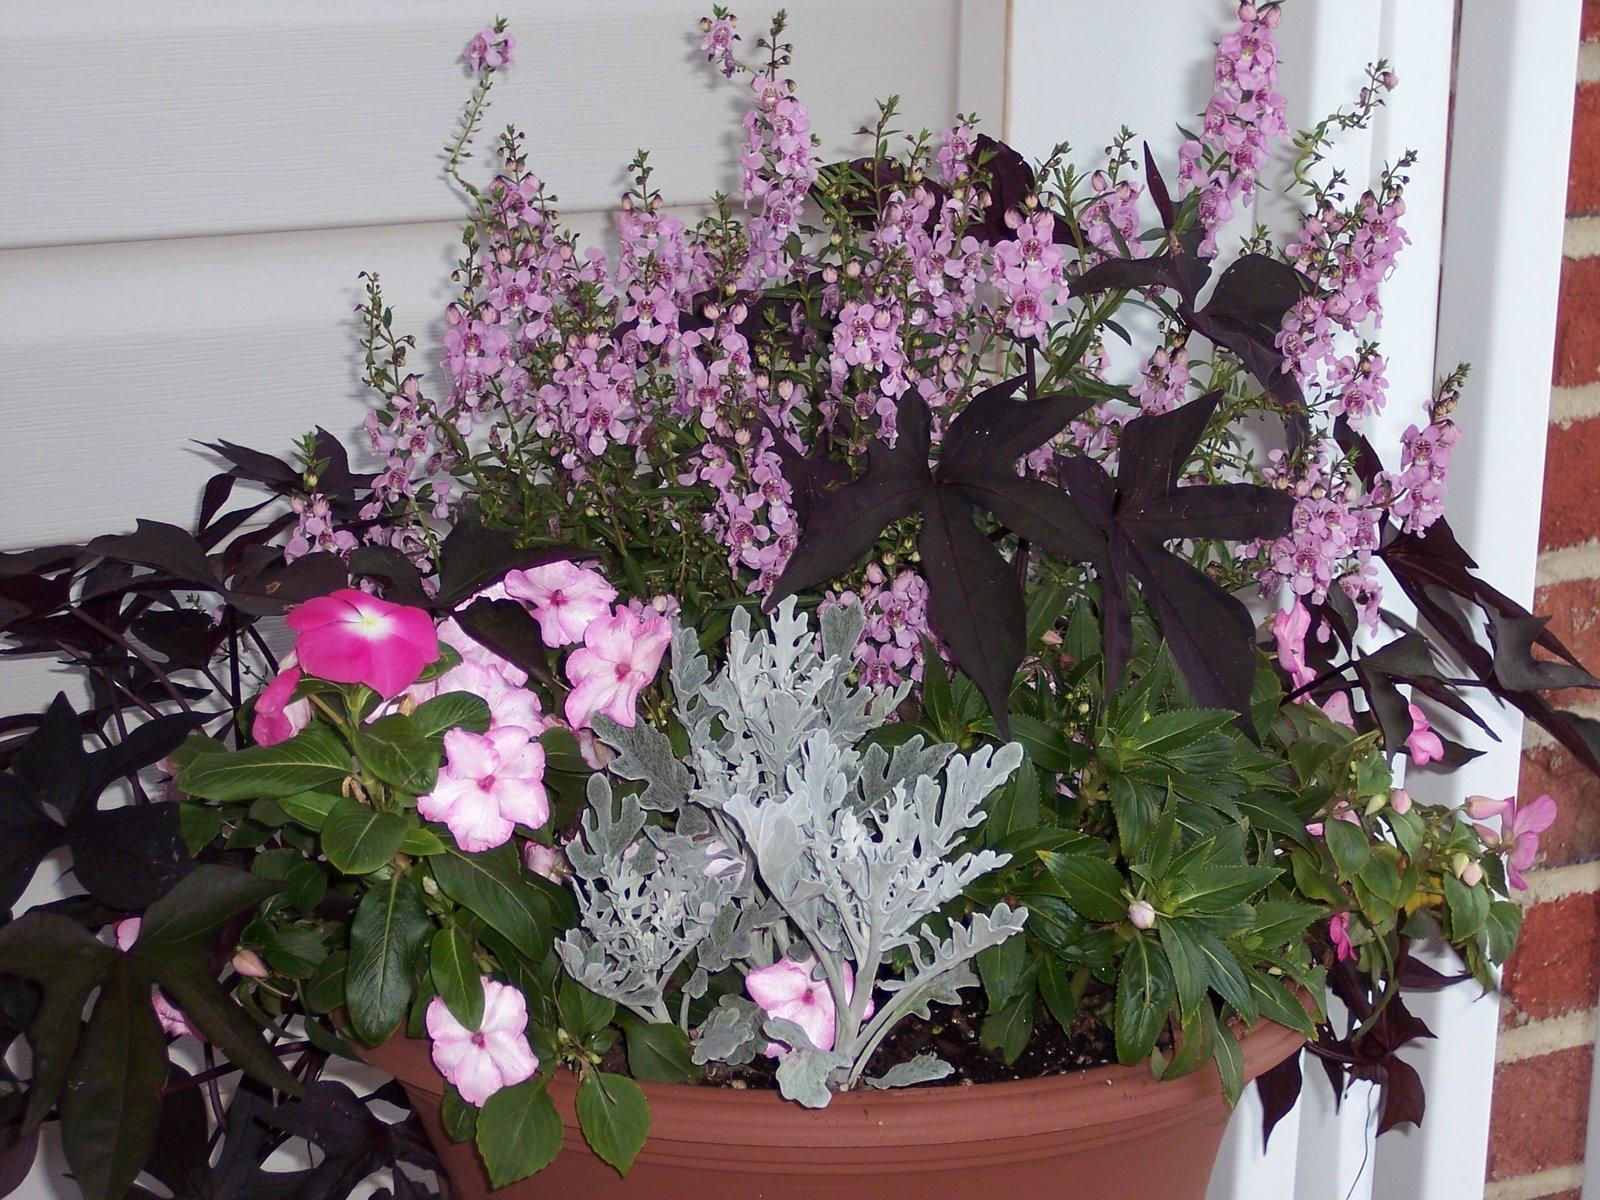 [flower+pot+7-31-07.jpg]